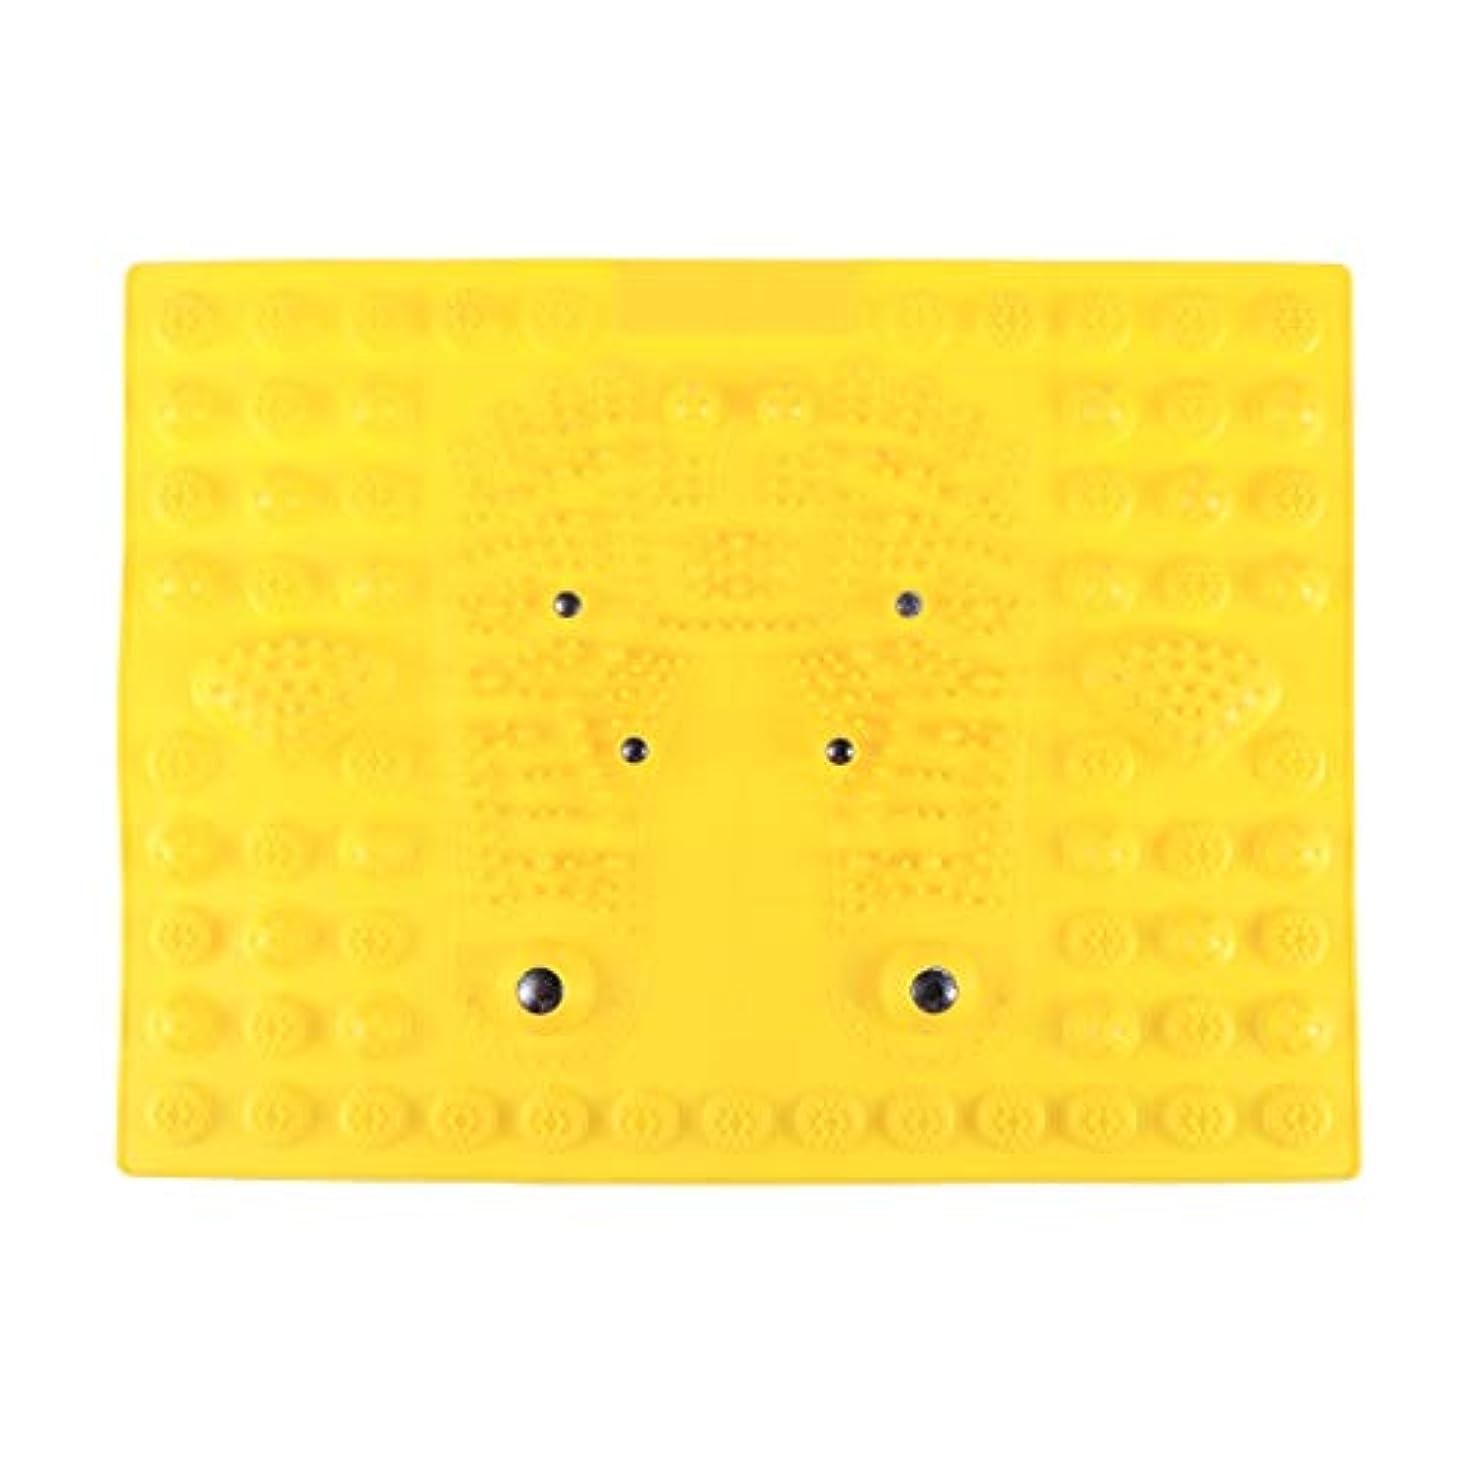 模倣紛争ナビゲーションSUPVOX フットマッサージマット指圧リラクゼーションリフレクソロジーマット磁気療法フィートマット(イエロー)